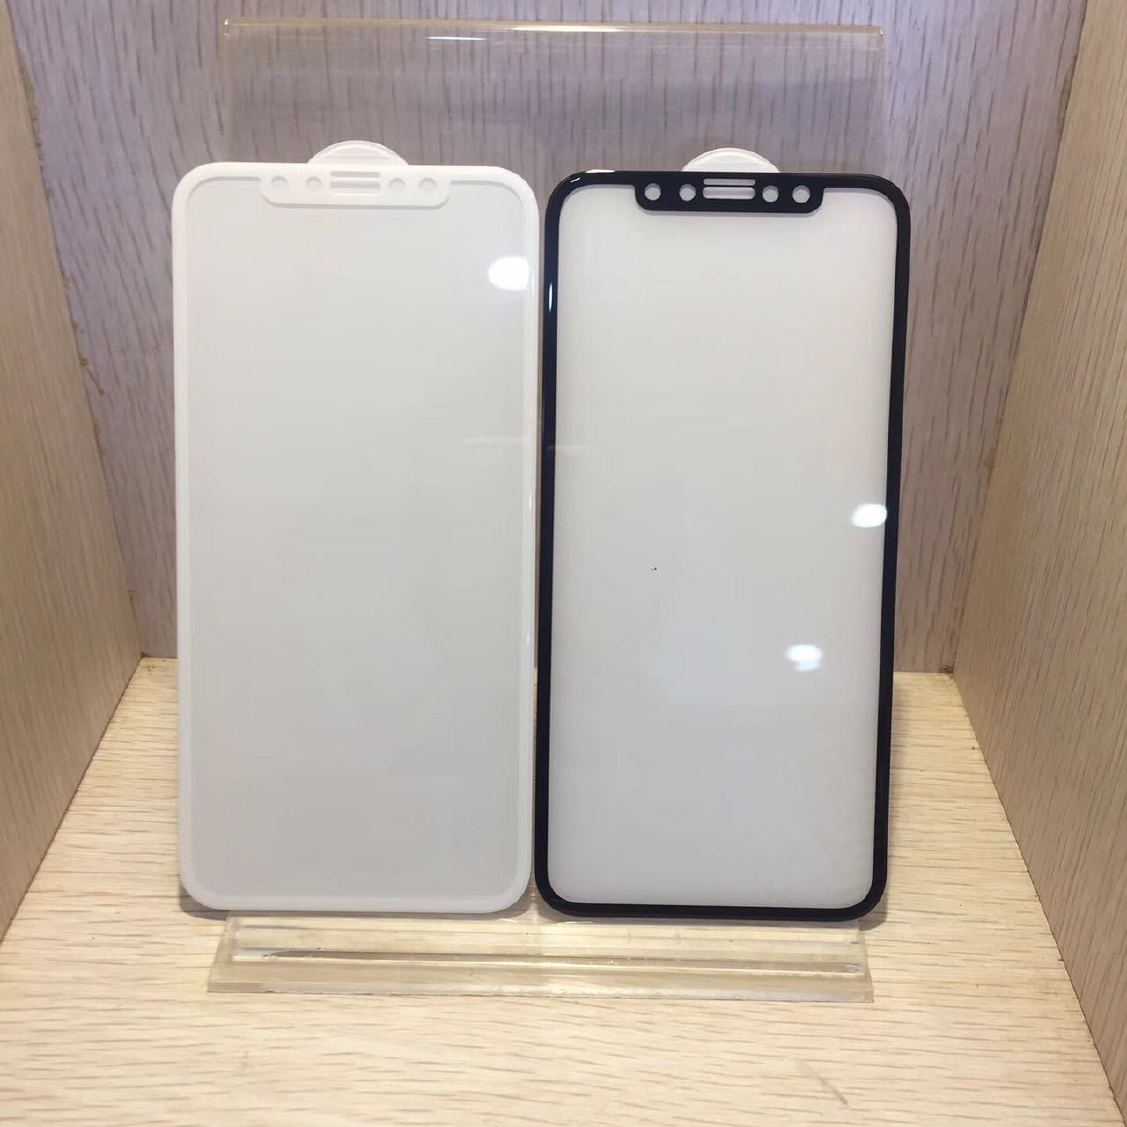 冷雕iphoneX钢化膜视频X苹果全覆盖硬边全玻艺奇曲面色图片